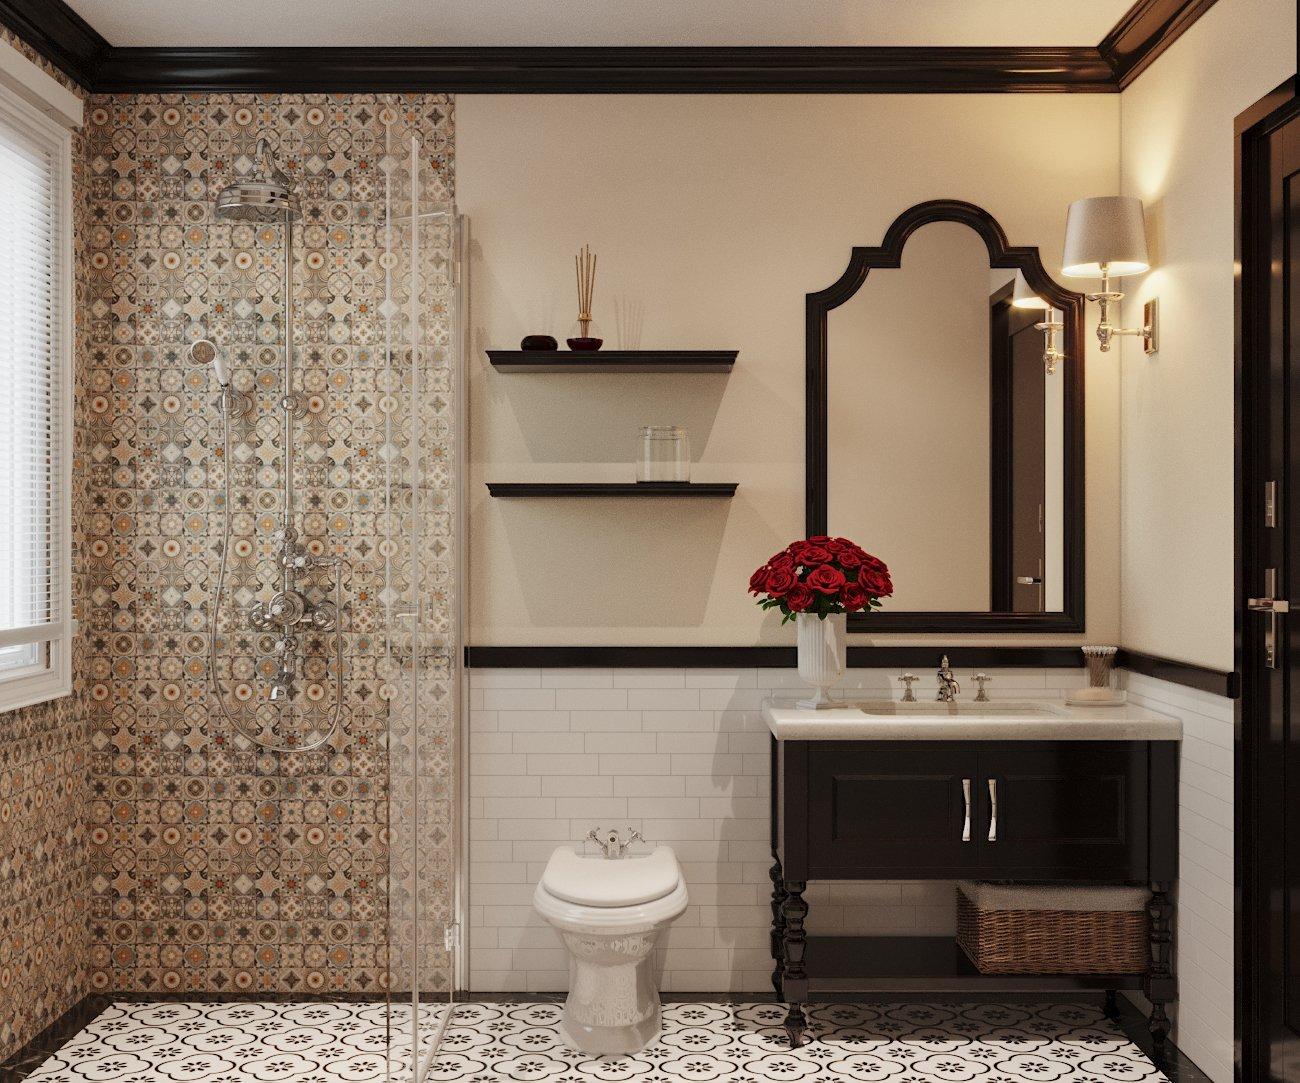 Vách kính trong suốt giúp phân tách giữa hai khu khô - ướt trong phòng tắm.